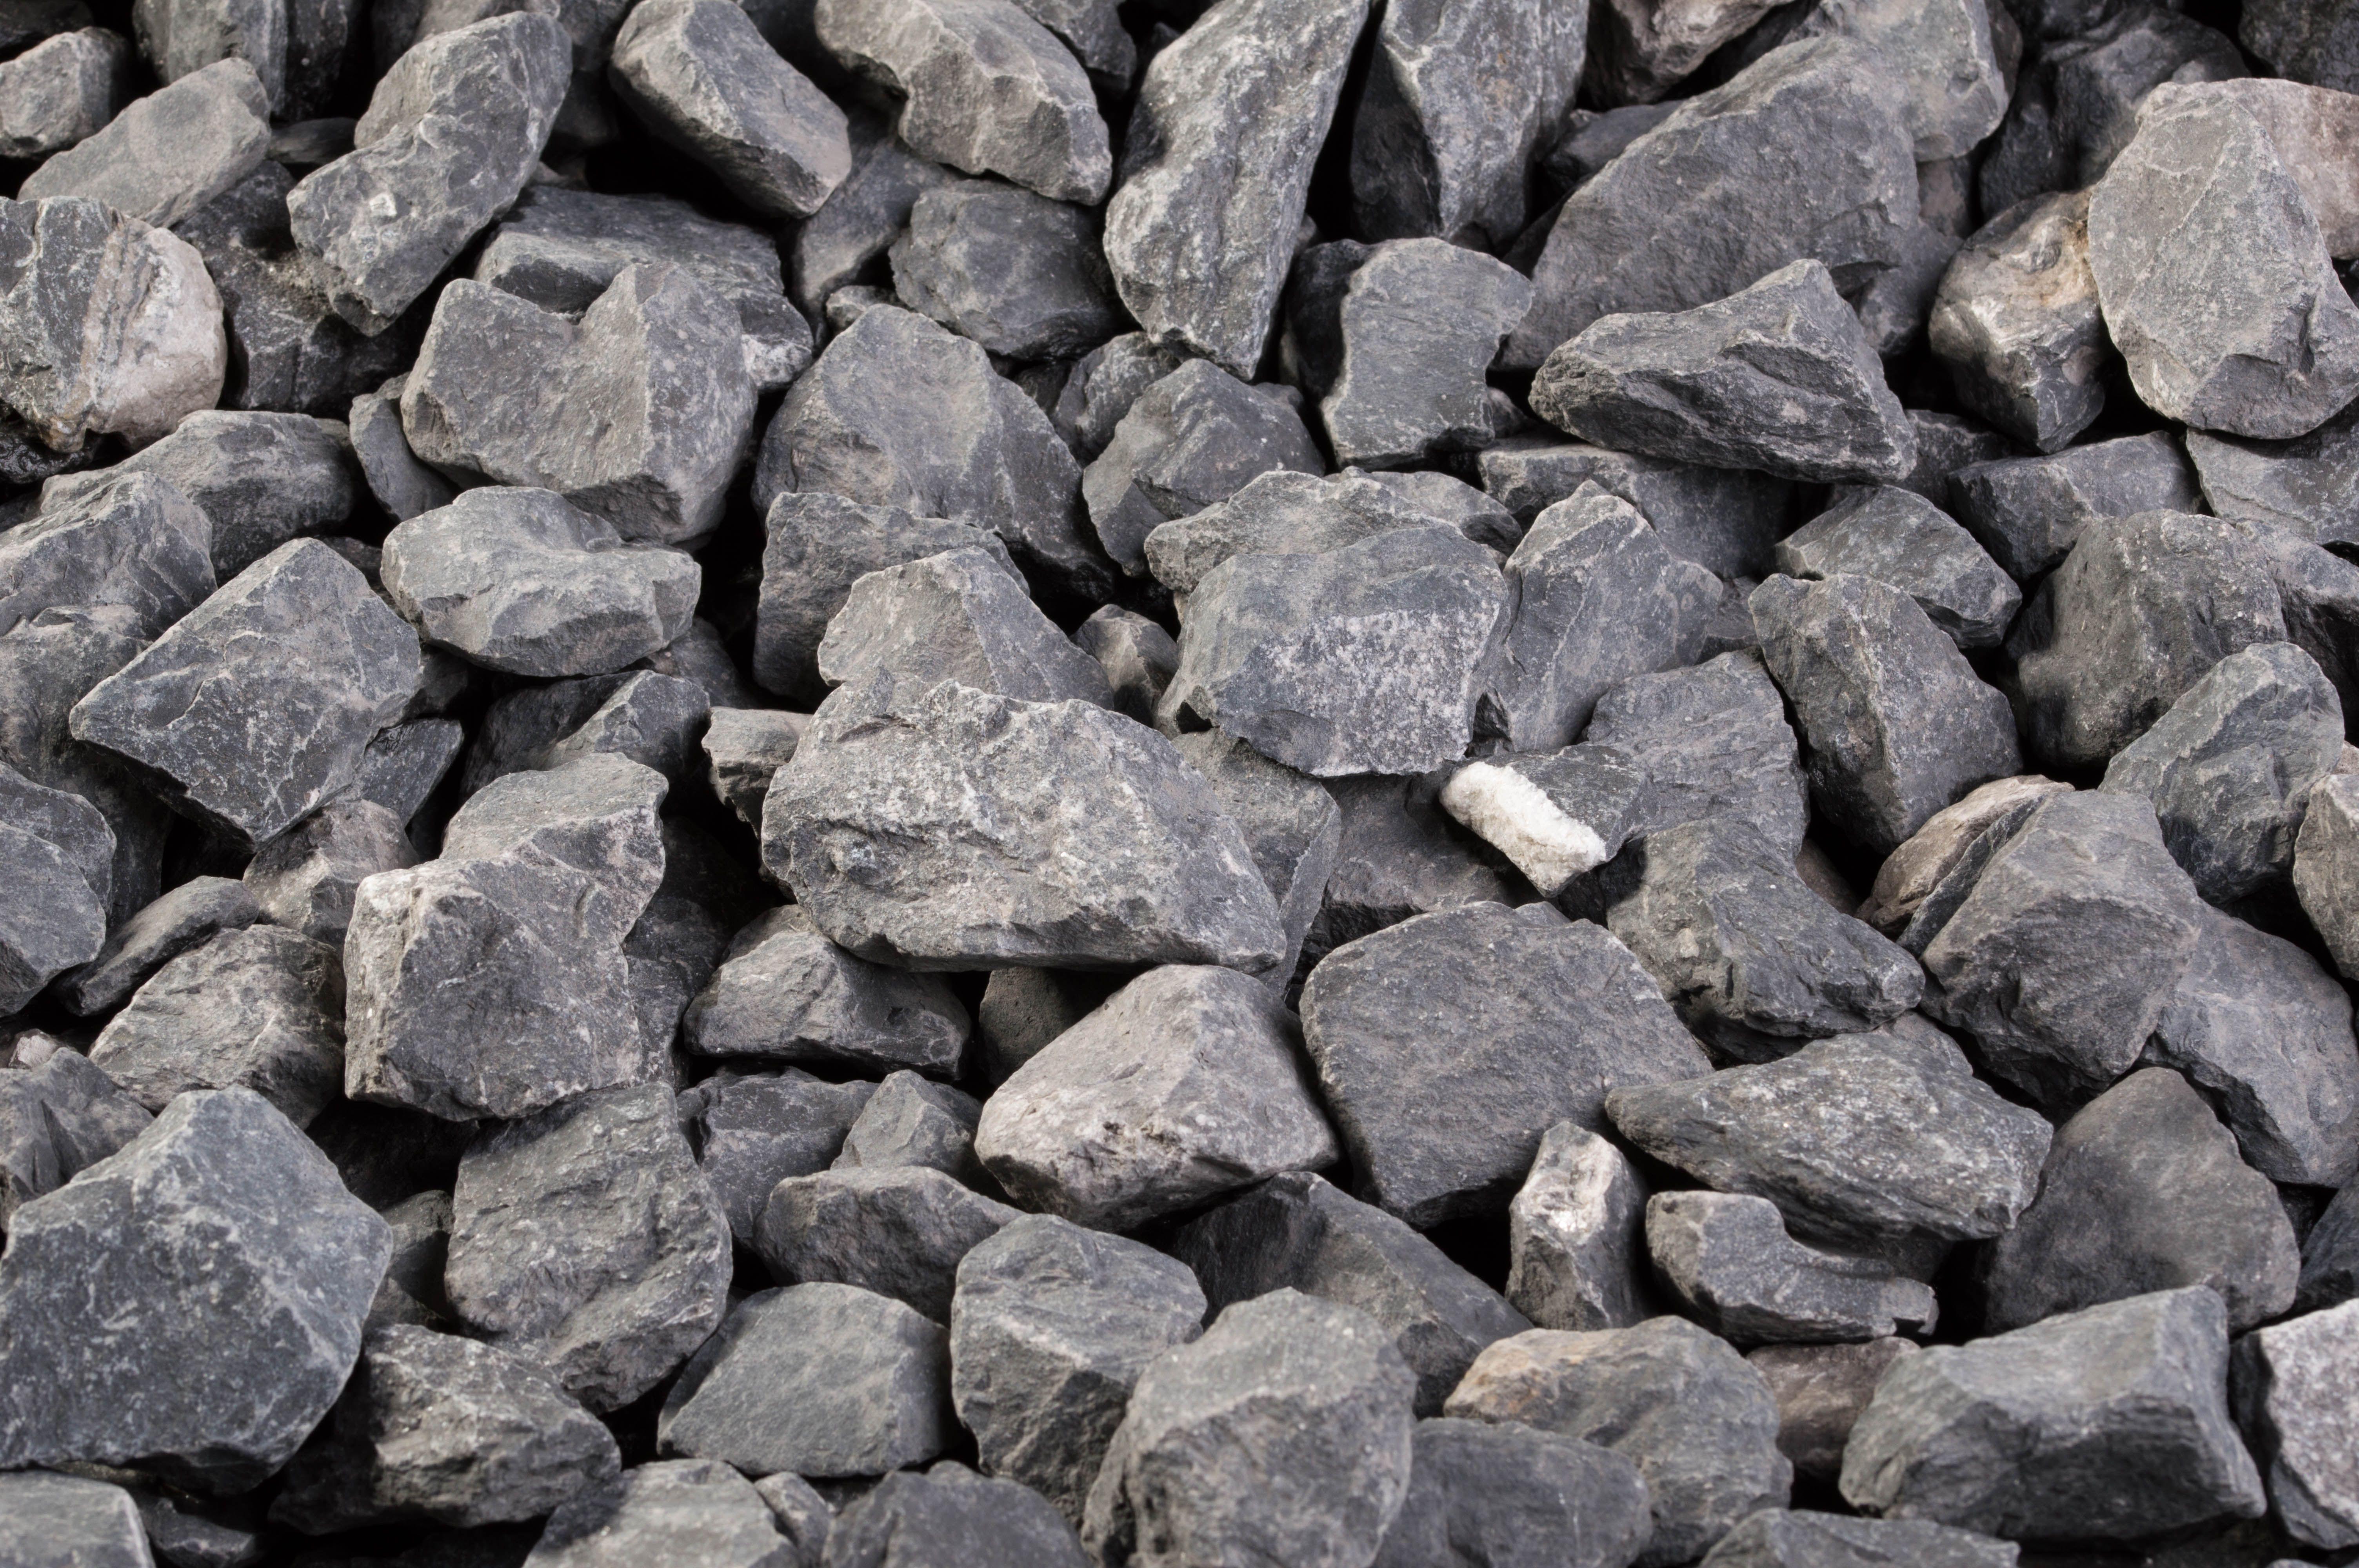 Le Dakar 30/60 mm est une roche calcaire de couleur gris foncé à ...